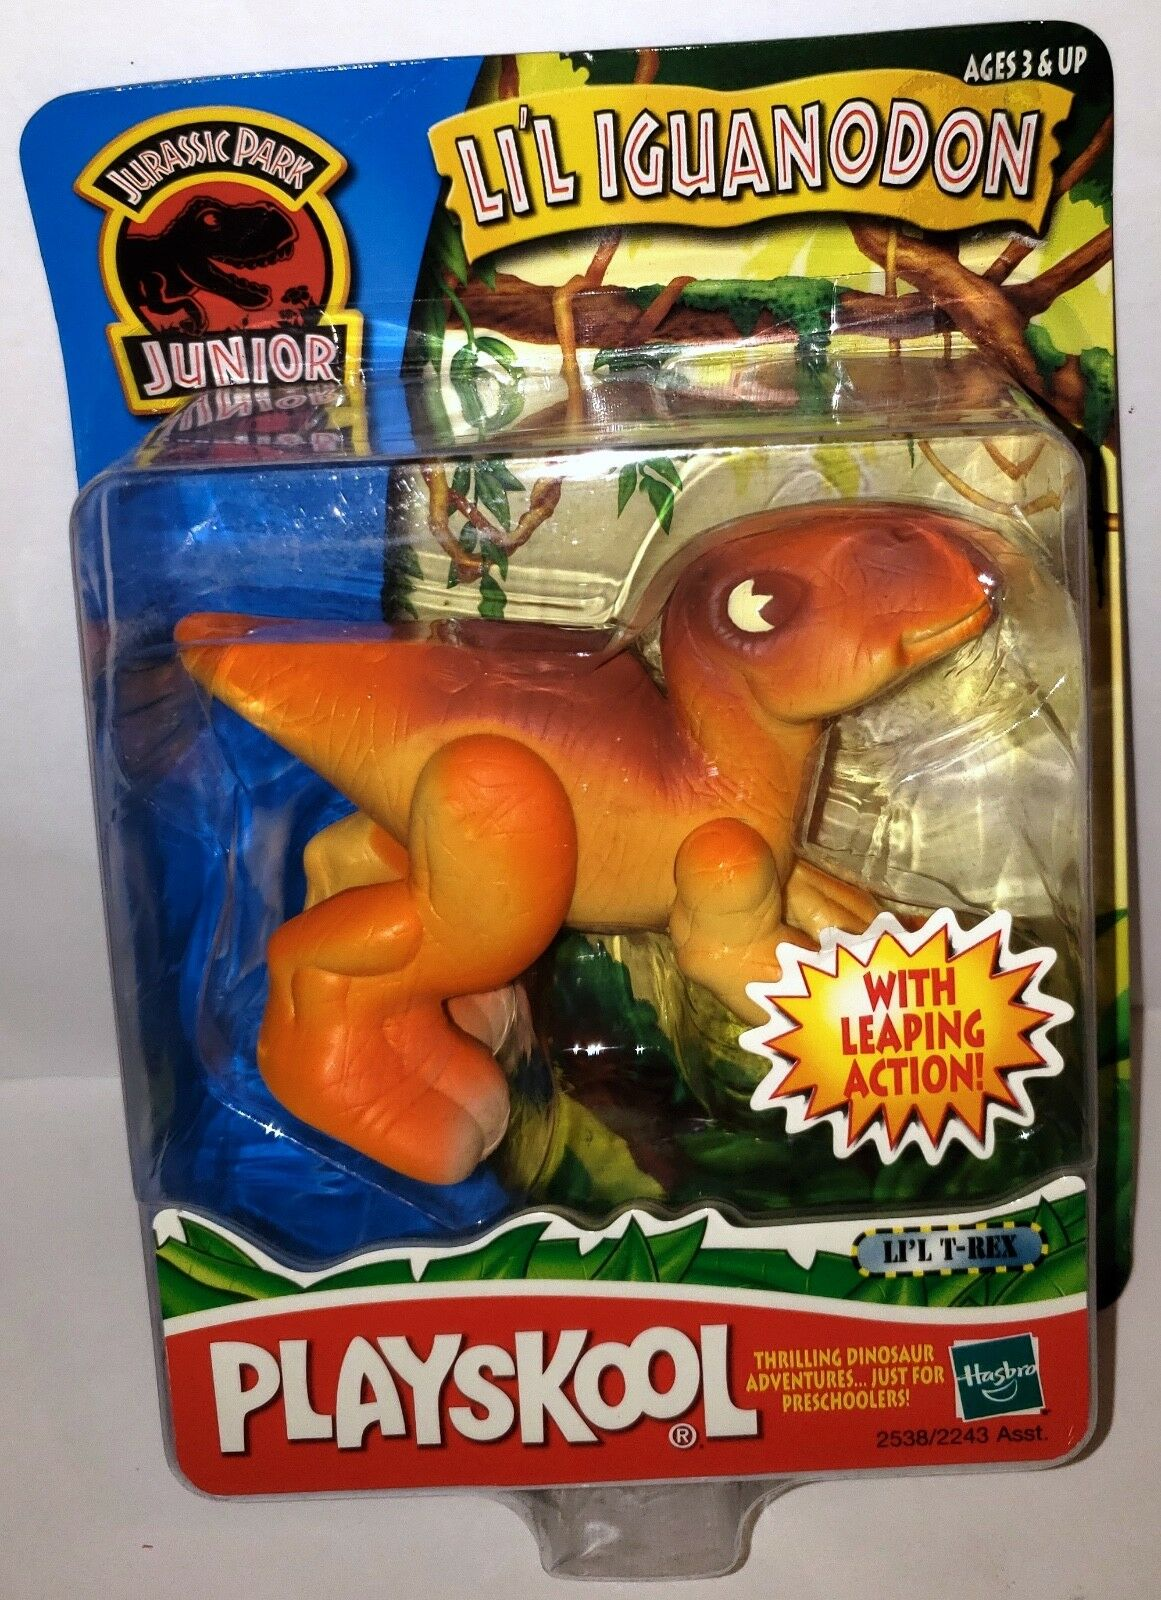 (selten   tippfehler) jurassic park junior jr. playskool werden iguanodons dinosaurier - spielzeug